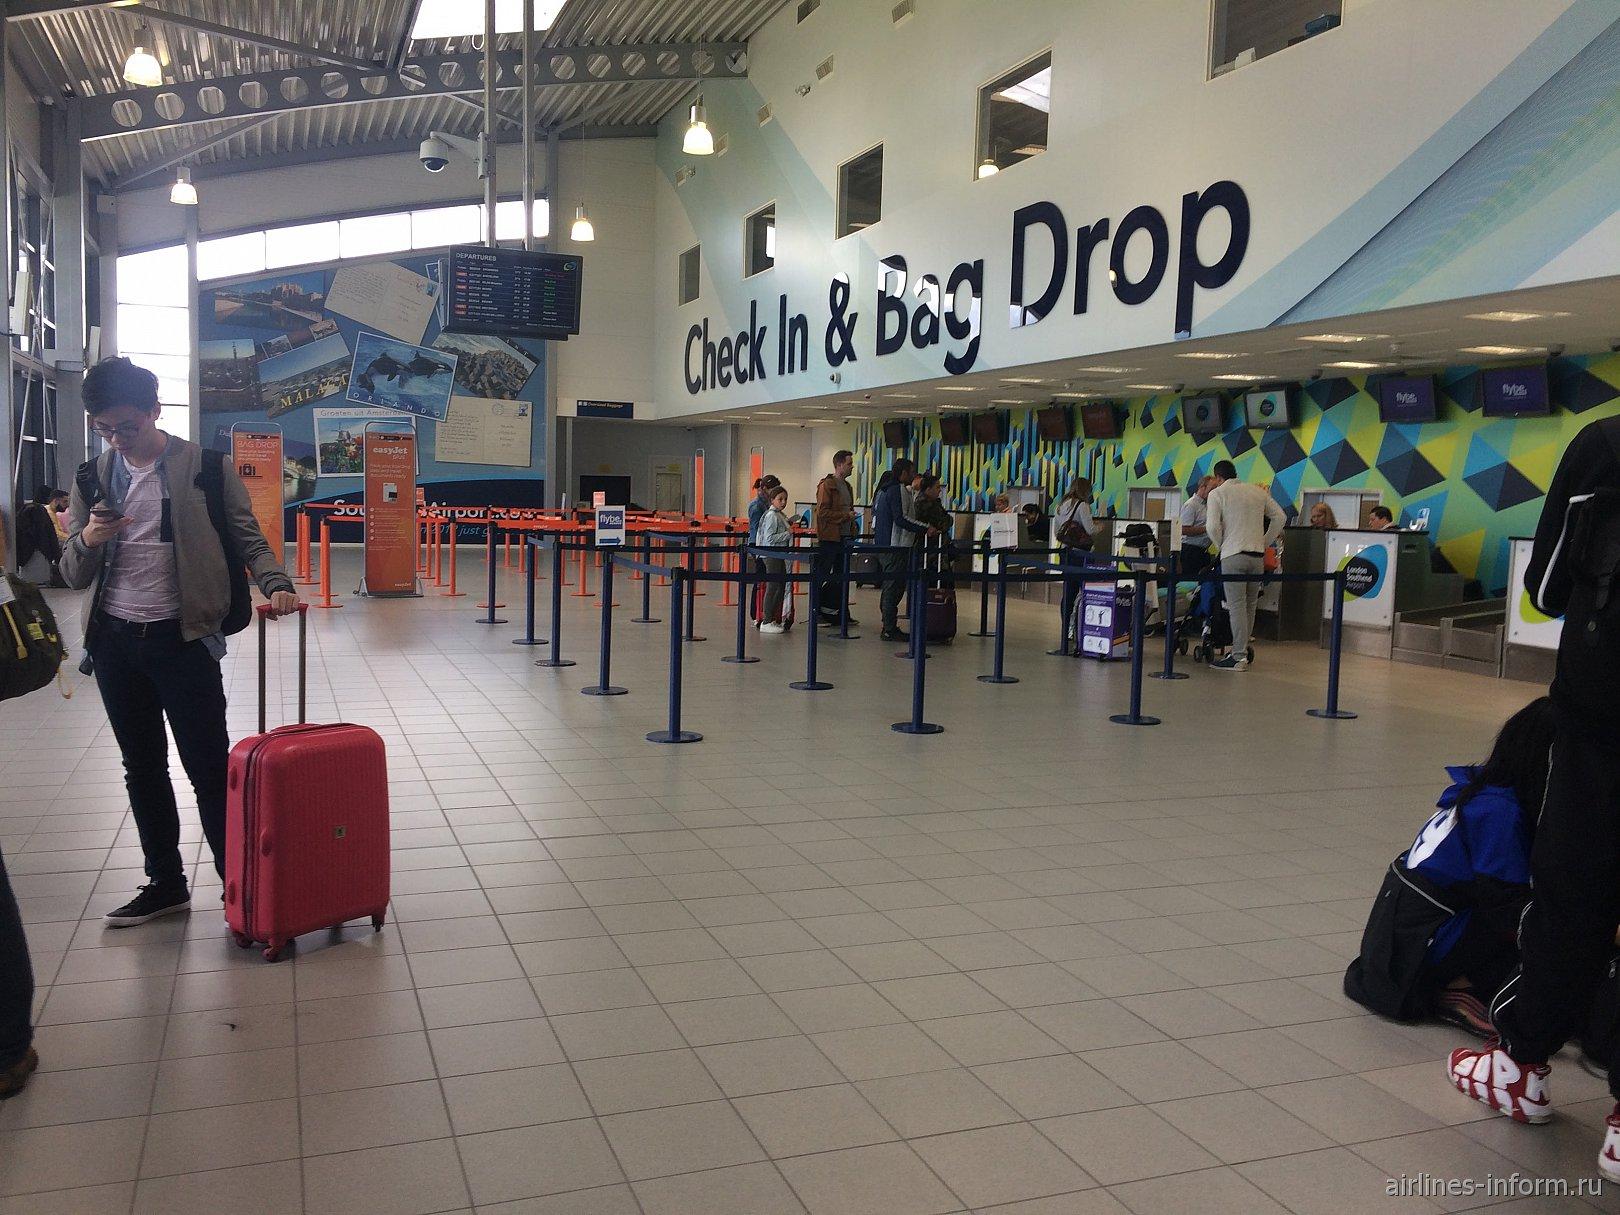 Зона регистрации в аэропорту Лондон Саутенд